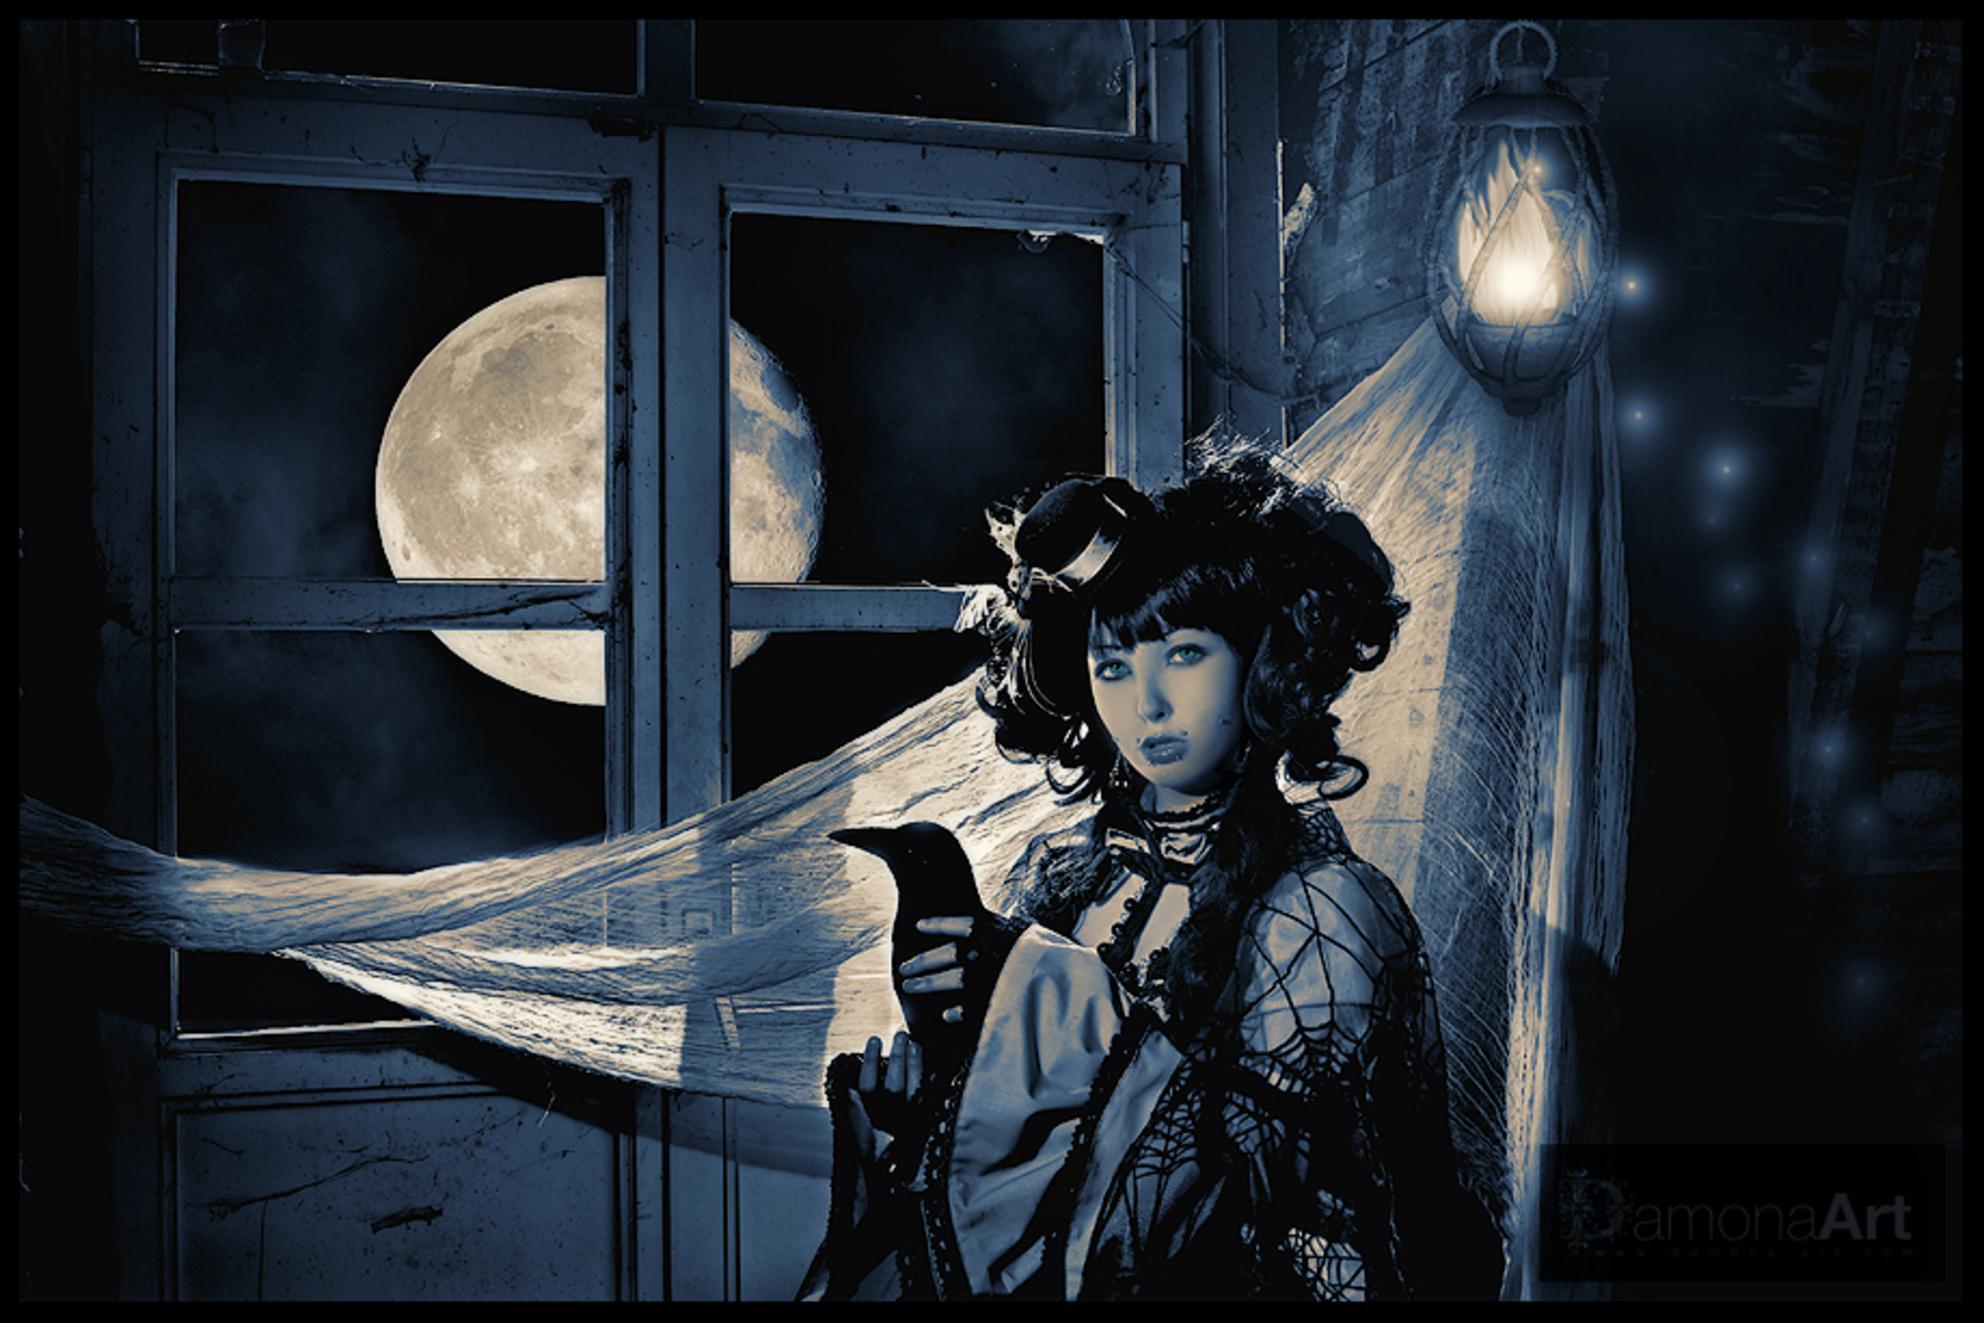 """New Moon - Zo, hier heb ik grotendeels van de dag aan zitten werken :D Ik heb van deze dagfoto een nachtfoto gemaakt in Photoshop met behulp van een tutorial v - foto door damona-art op 18-03-2010 - deze foto bevat: kasteel, model, nikon, nacht, people, moon, photoshop, raw, secret, fantasy, castle, raaf, tamron, manipulatie, tutorial, """"Du Loup"""", Schokpop, """"New moon"""" - Deze foto mag gebruikt worden in een Zoom.nl publicatie"""